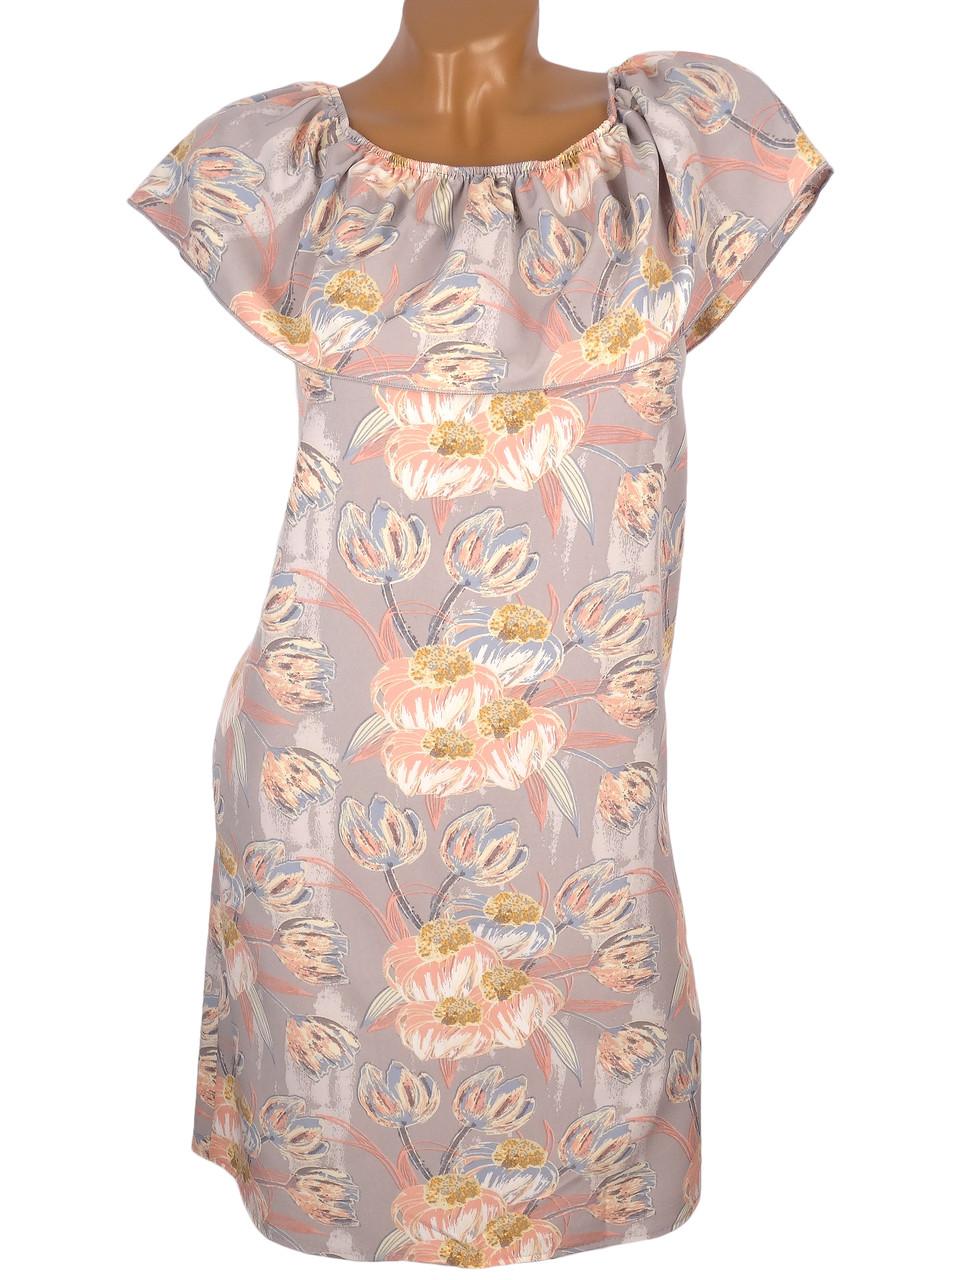 Женское платье в пастельных тонах (в расцветках)